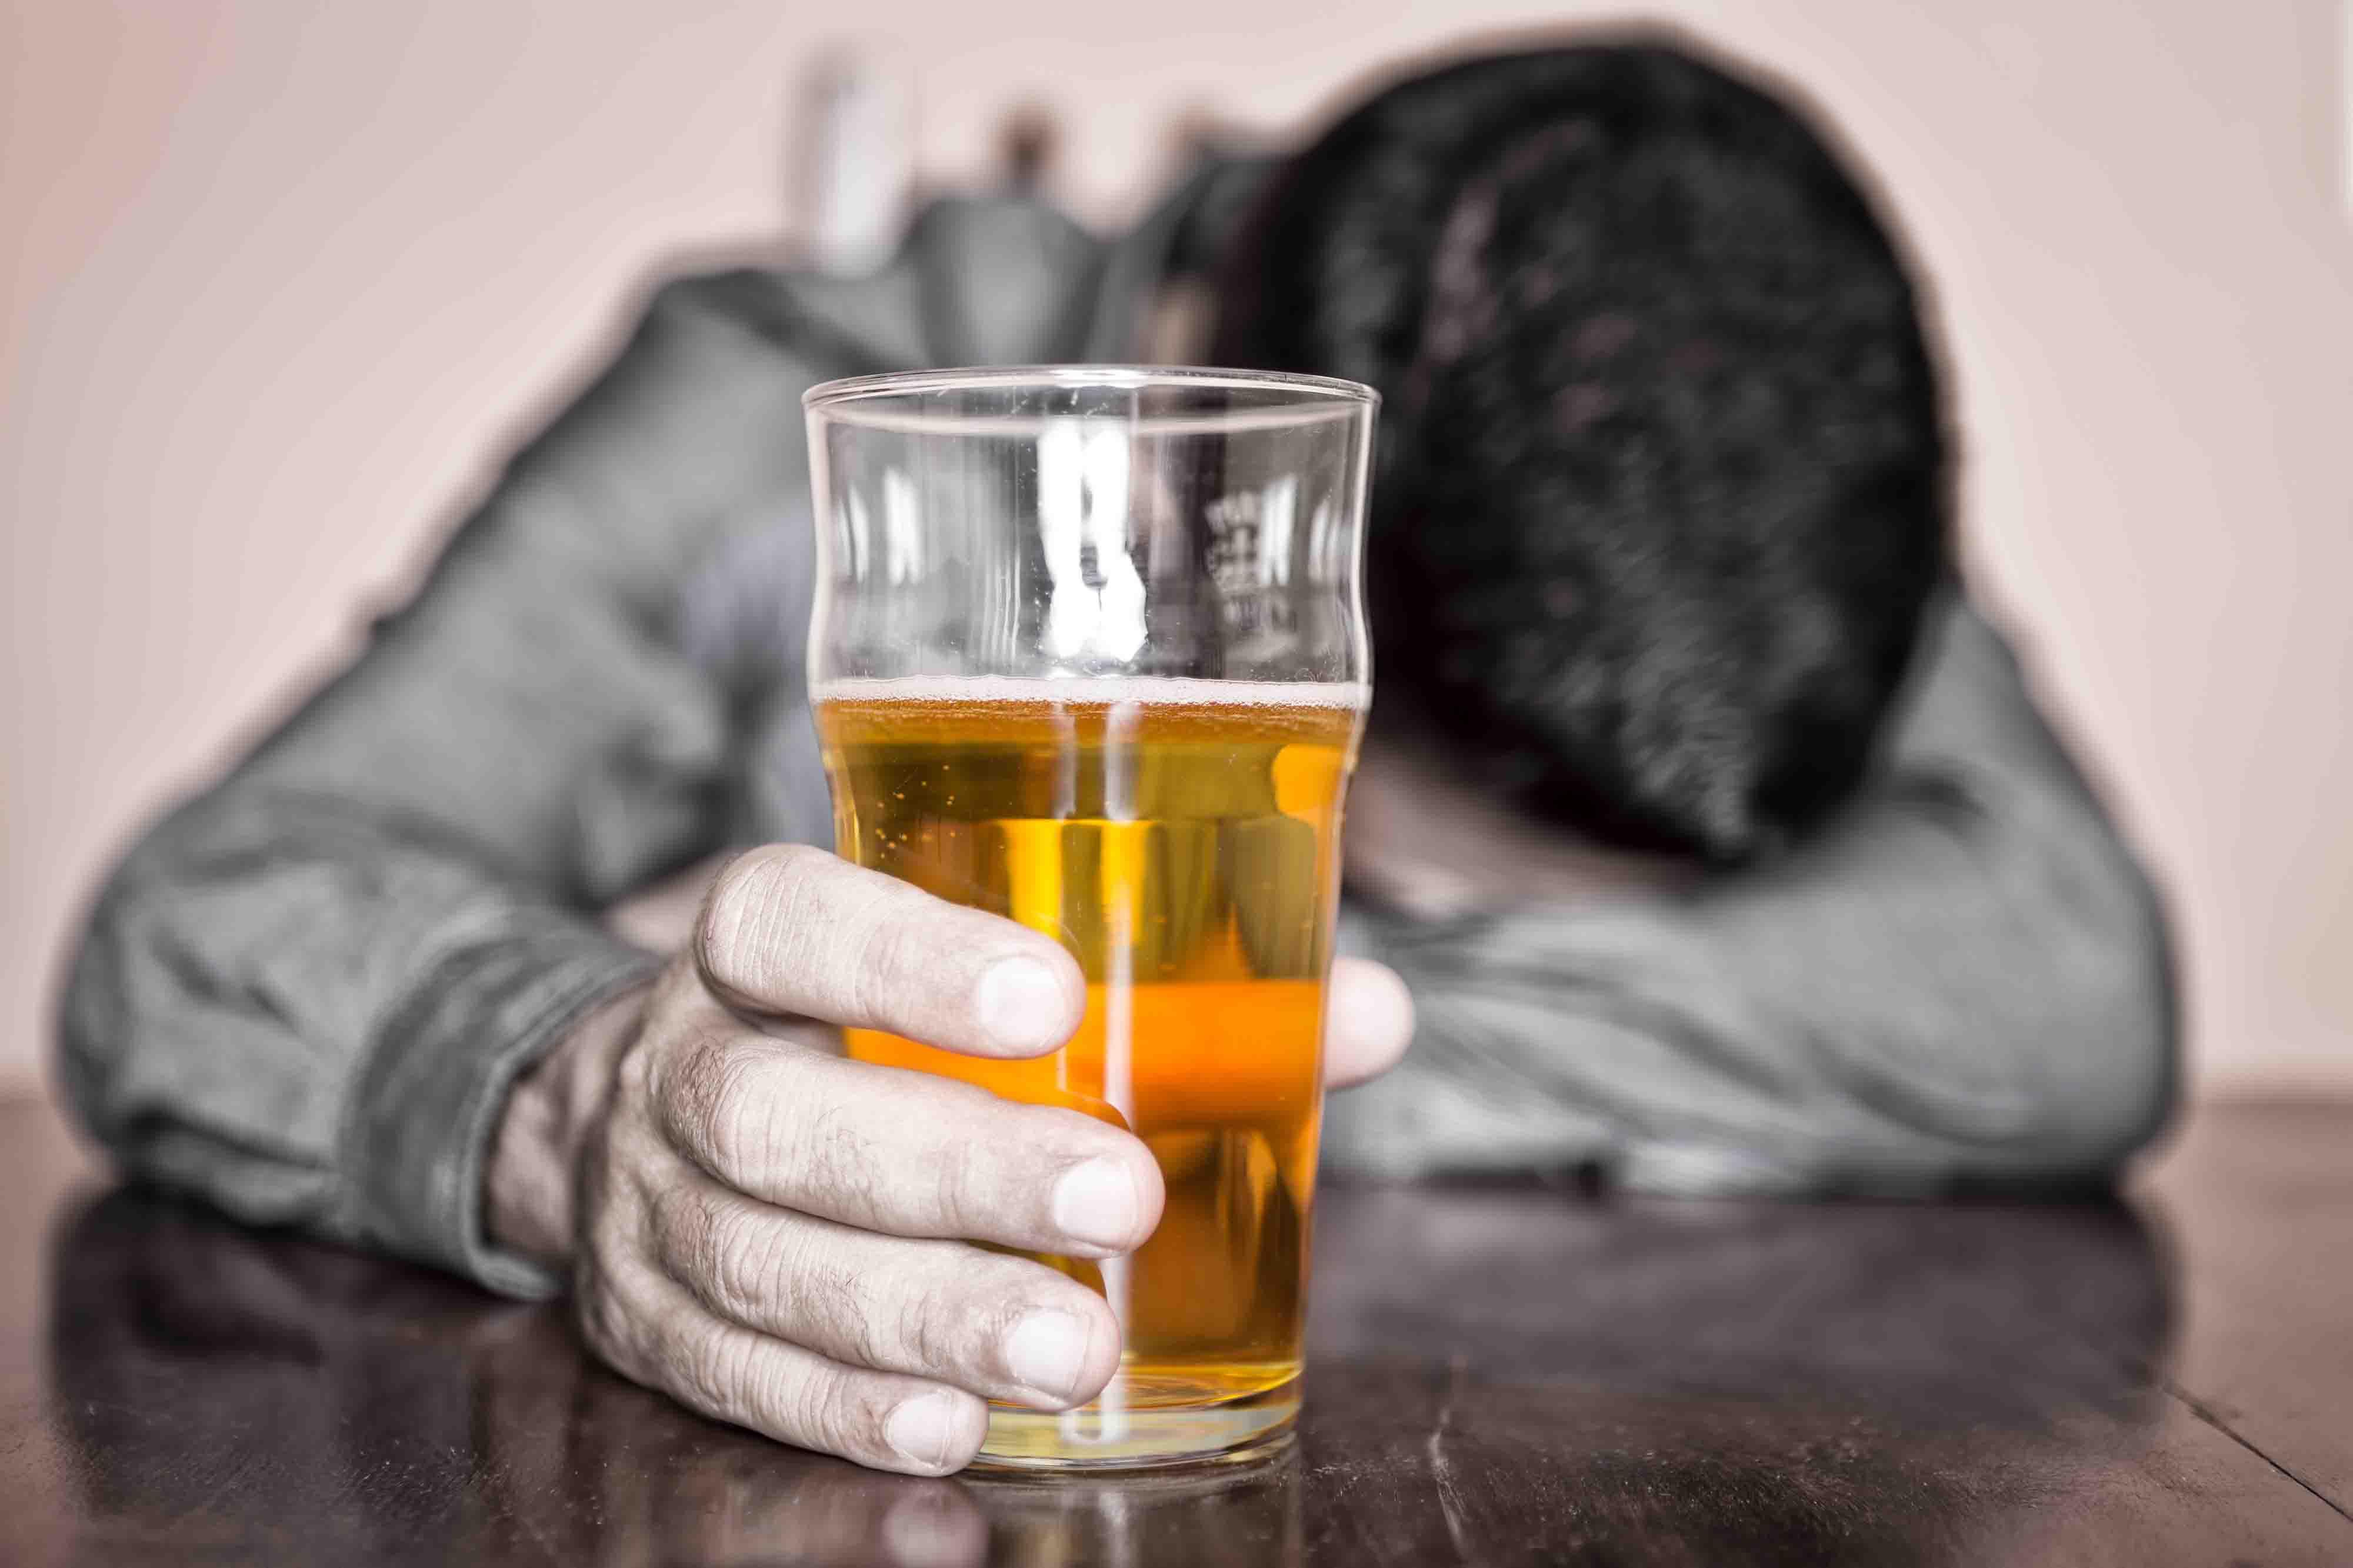 Пристрастие к алкоголю способствовало образованию атеросклеротических бляшек